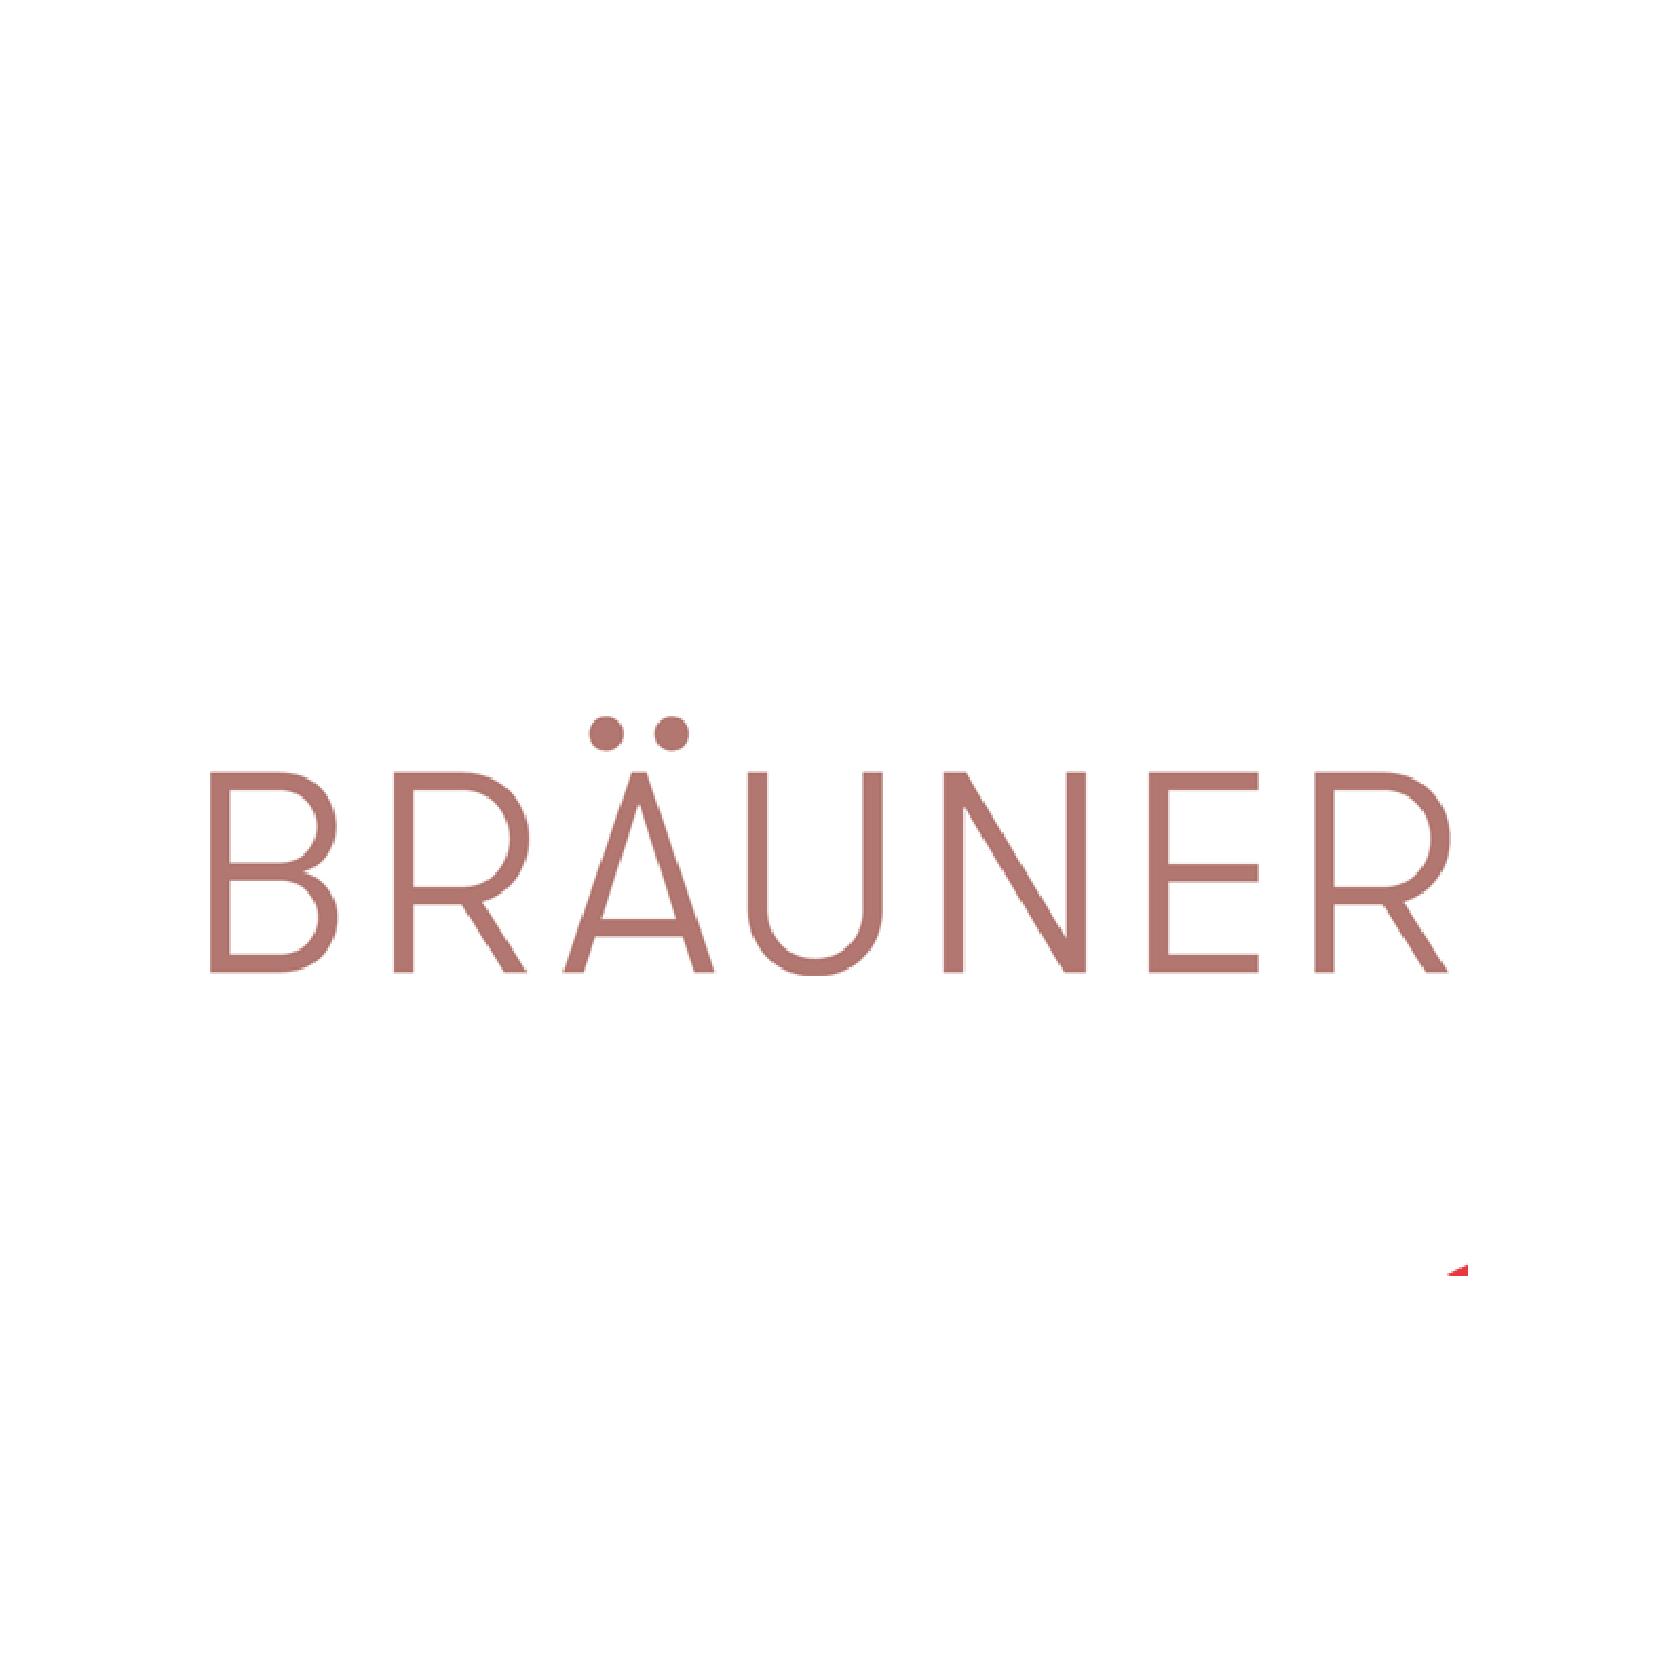 Braeuner Logo Agentur